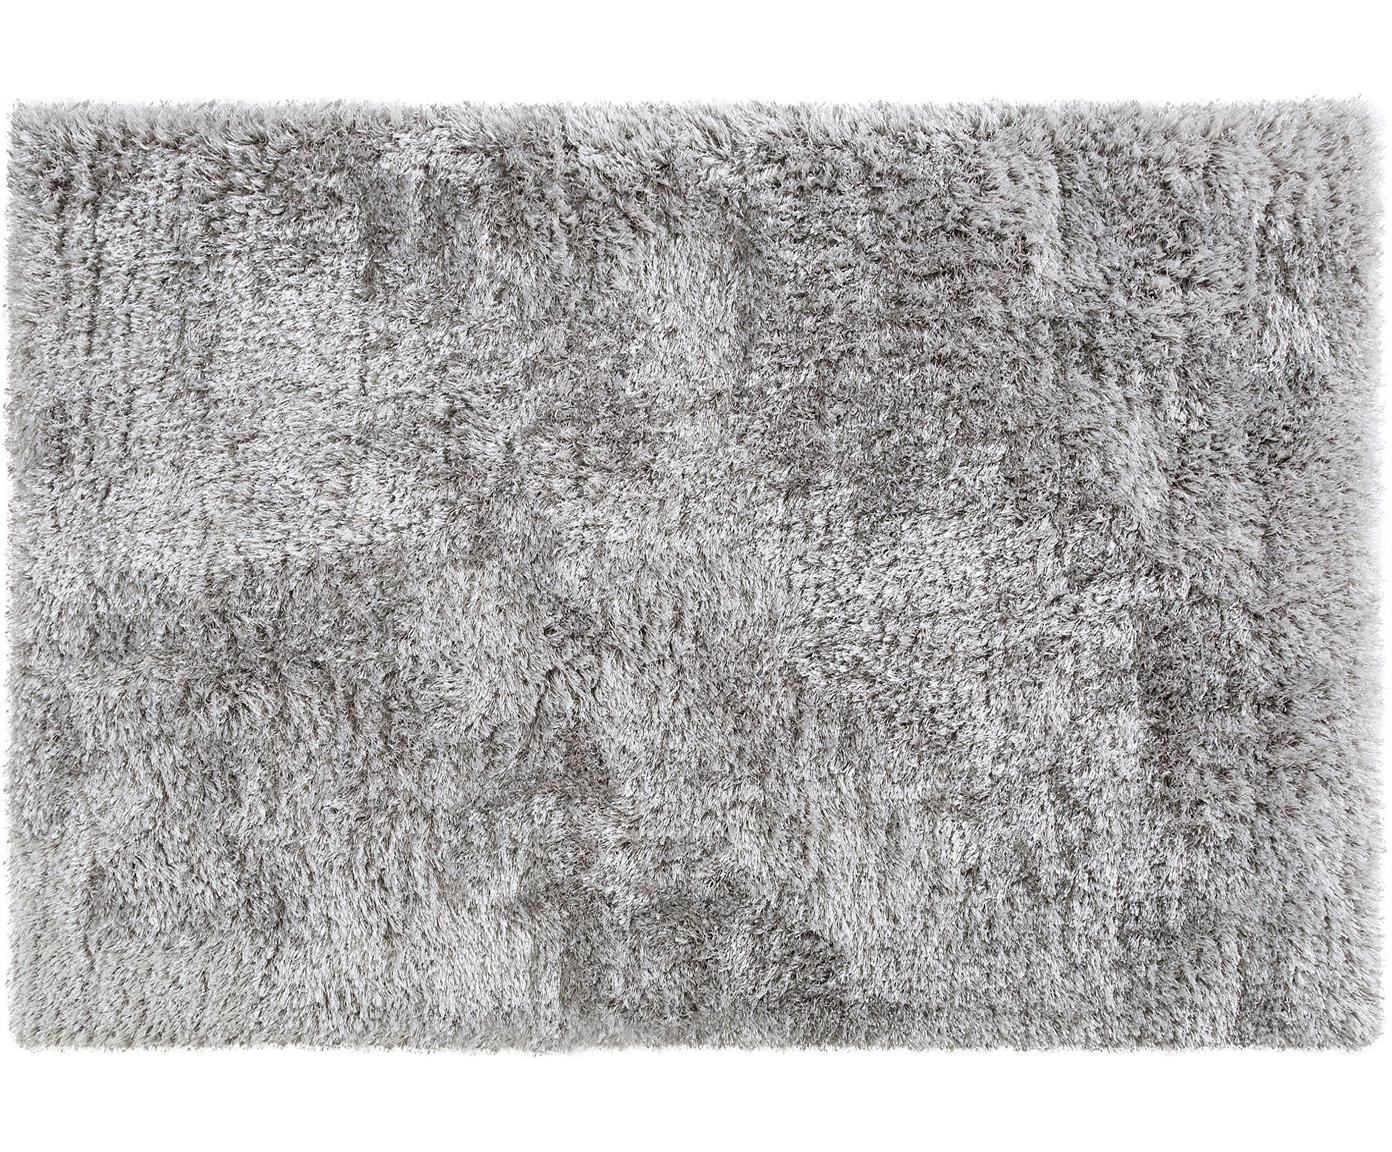 Alfombra de pelo largo Lea, 50%poliéster, 50%polipropileno, Gris, An 140 x L 200 cm (Tamaño S)